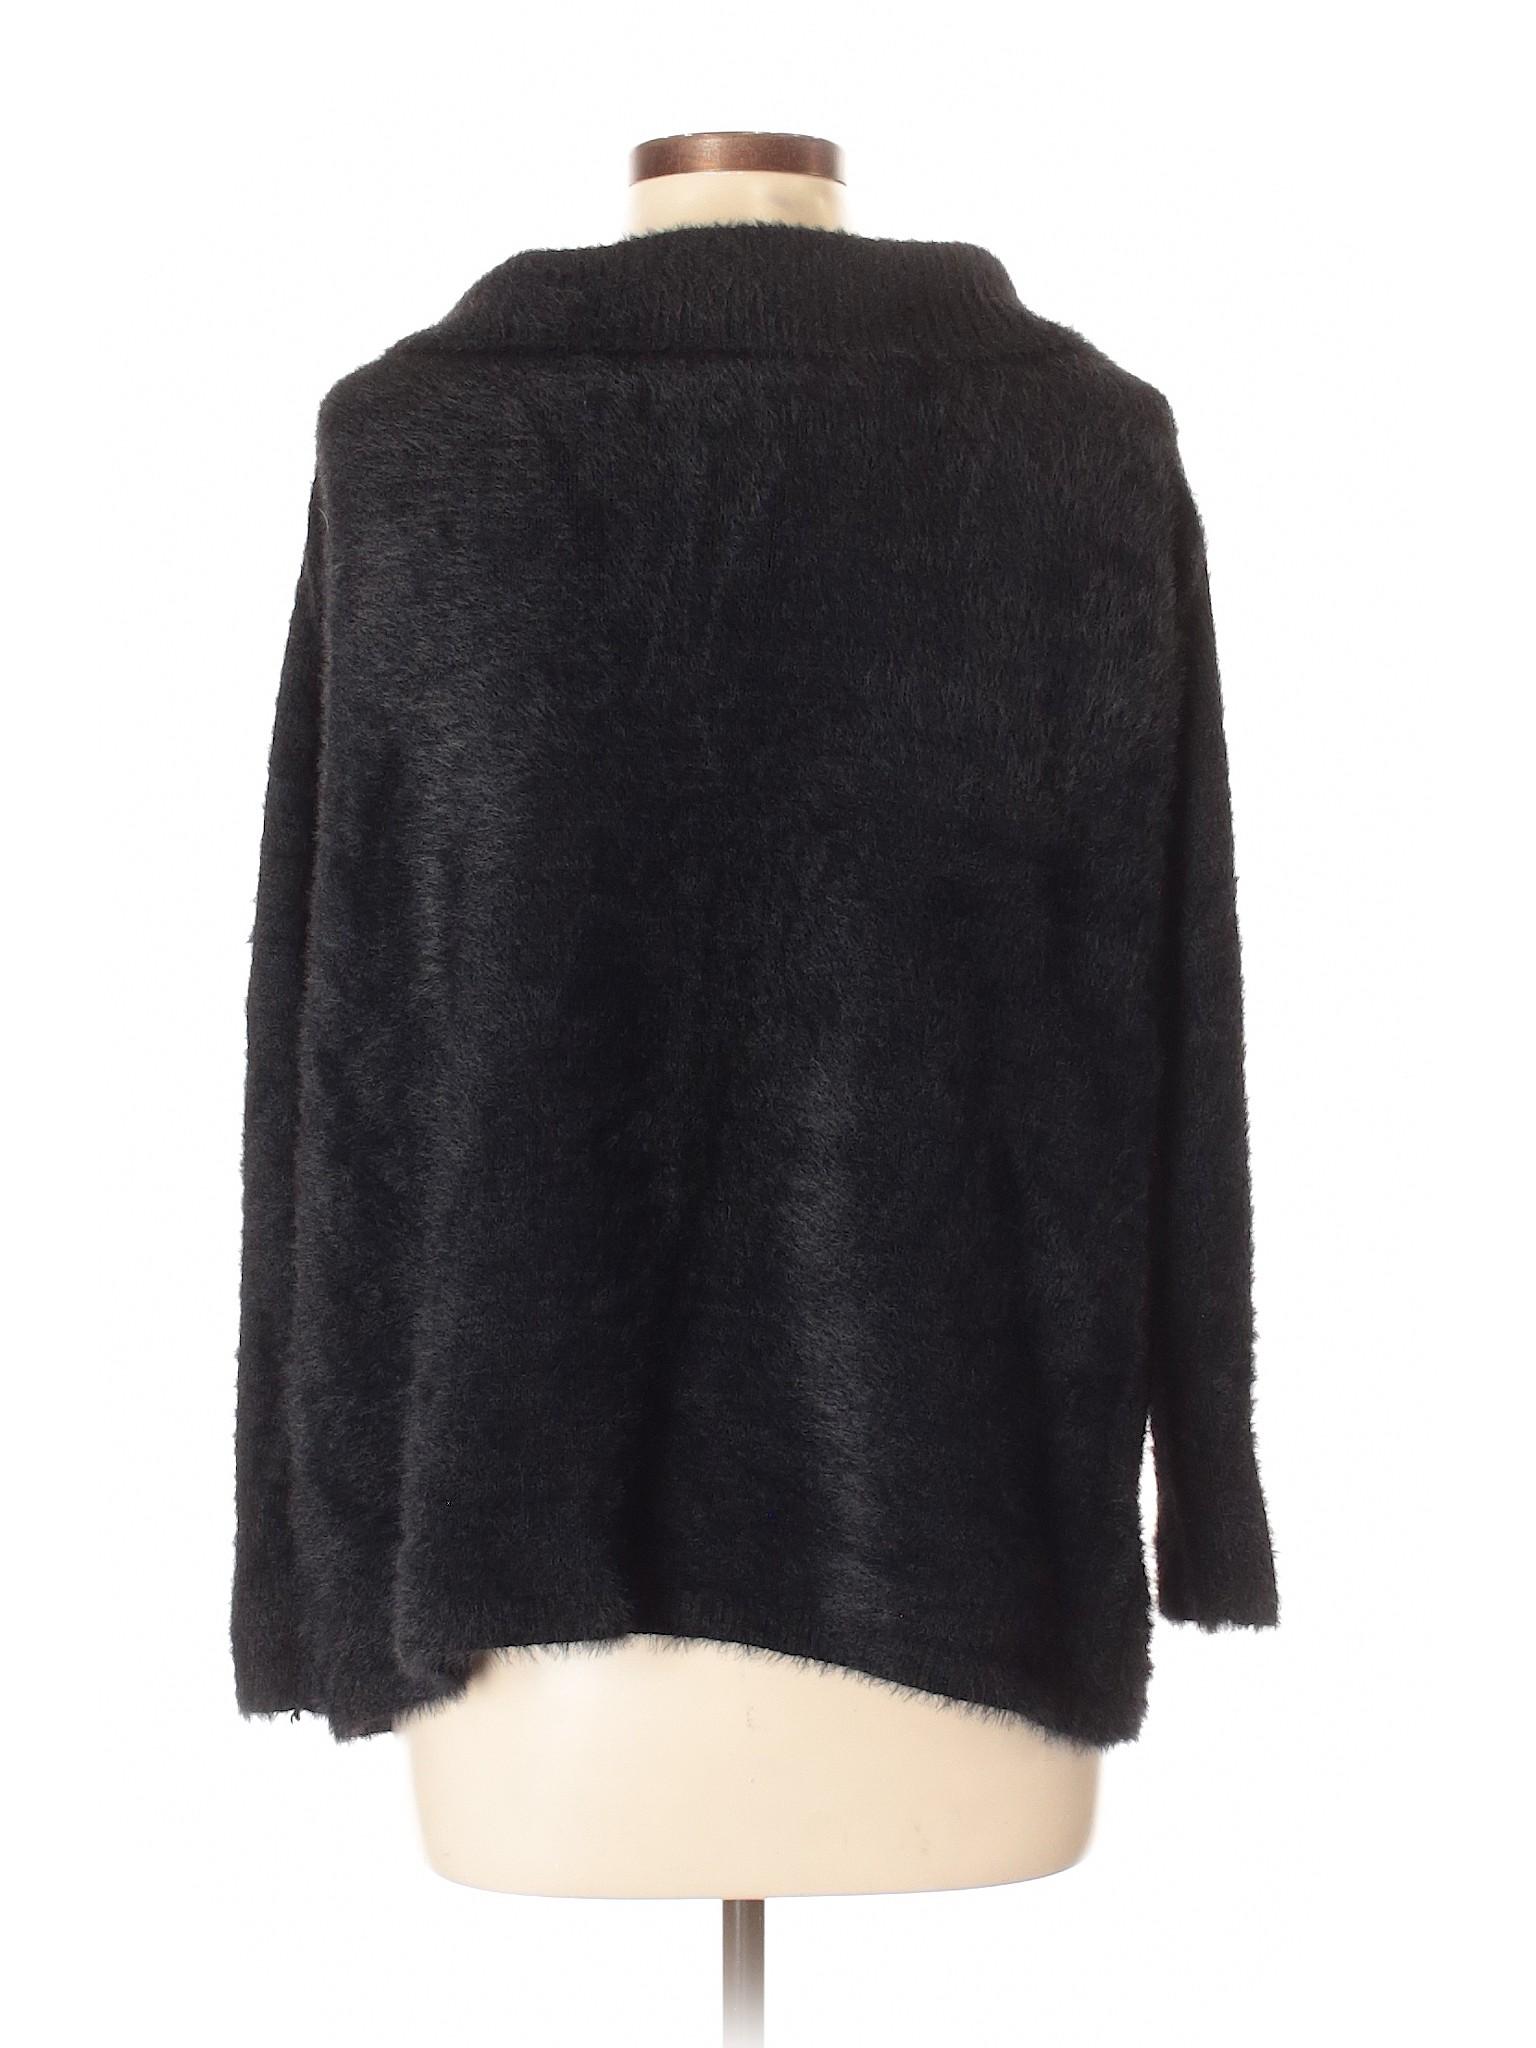 Sweater Ann Pullover Taylor winter Boutique LOFT 8O7XXq